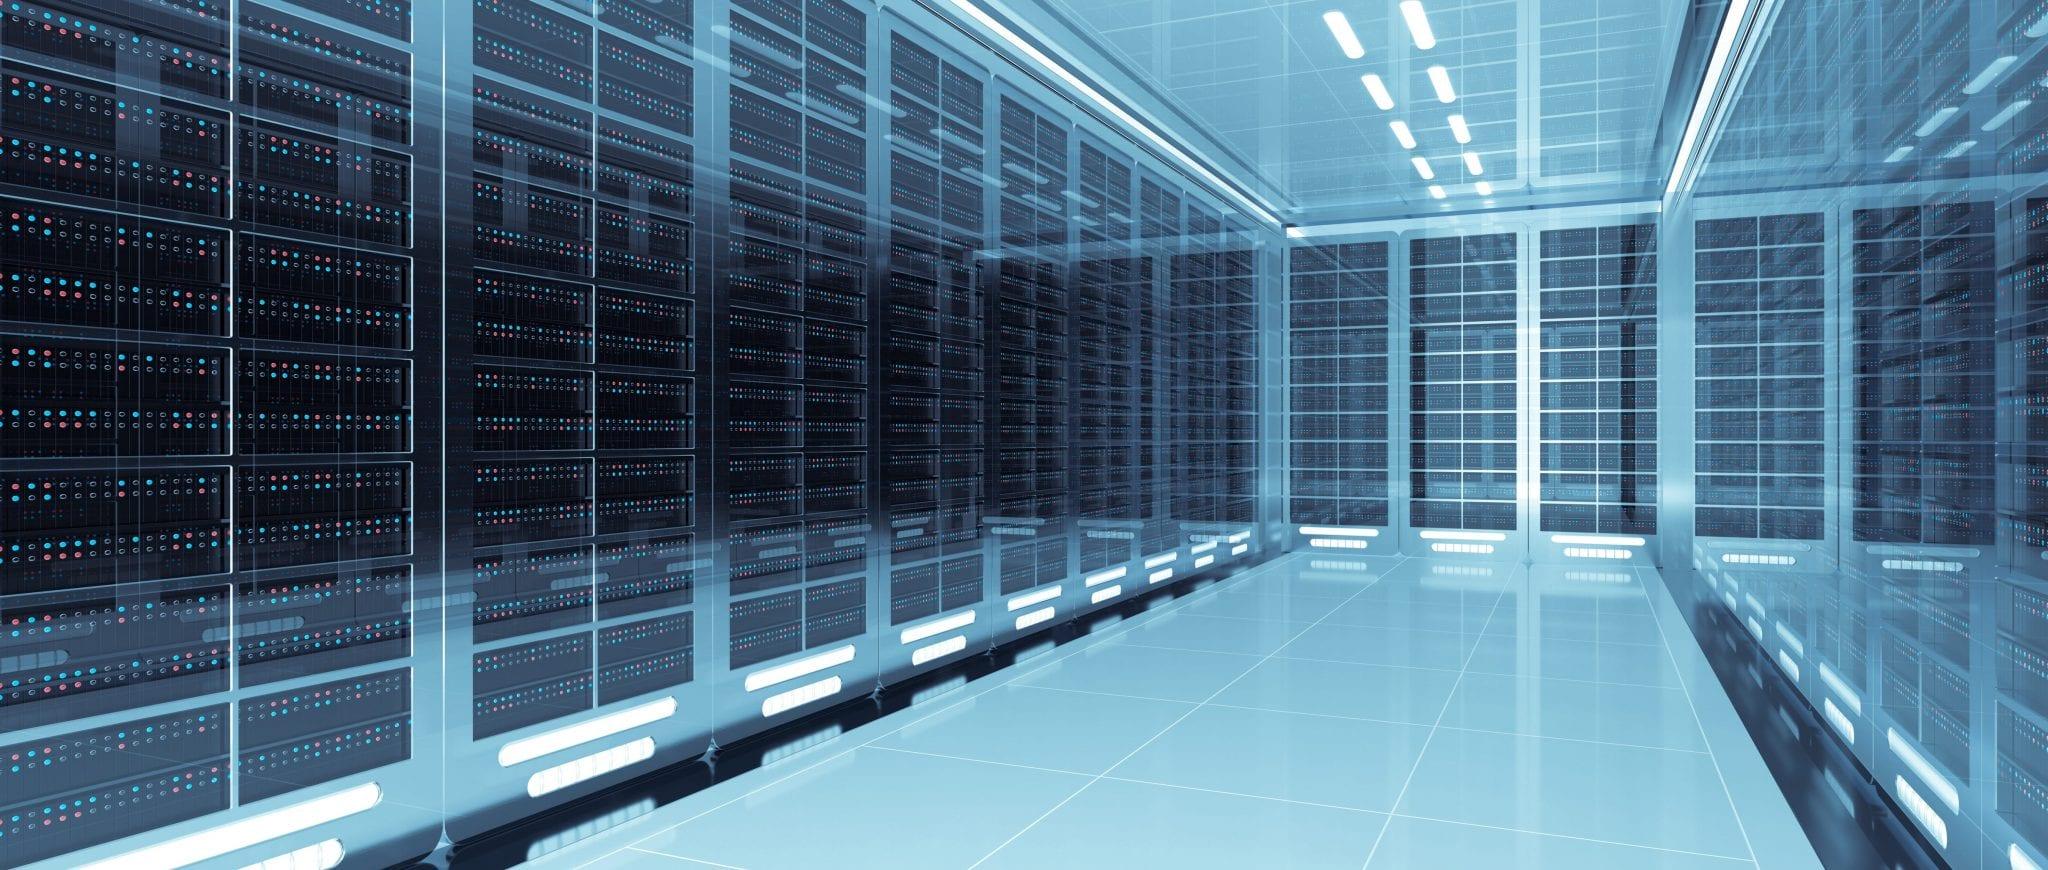 hosting server room title